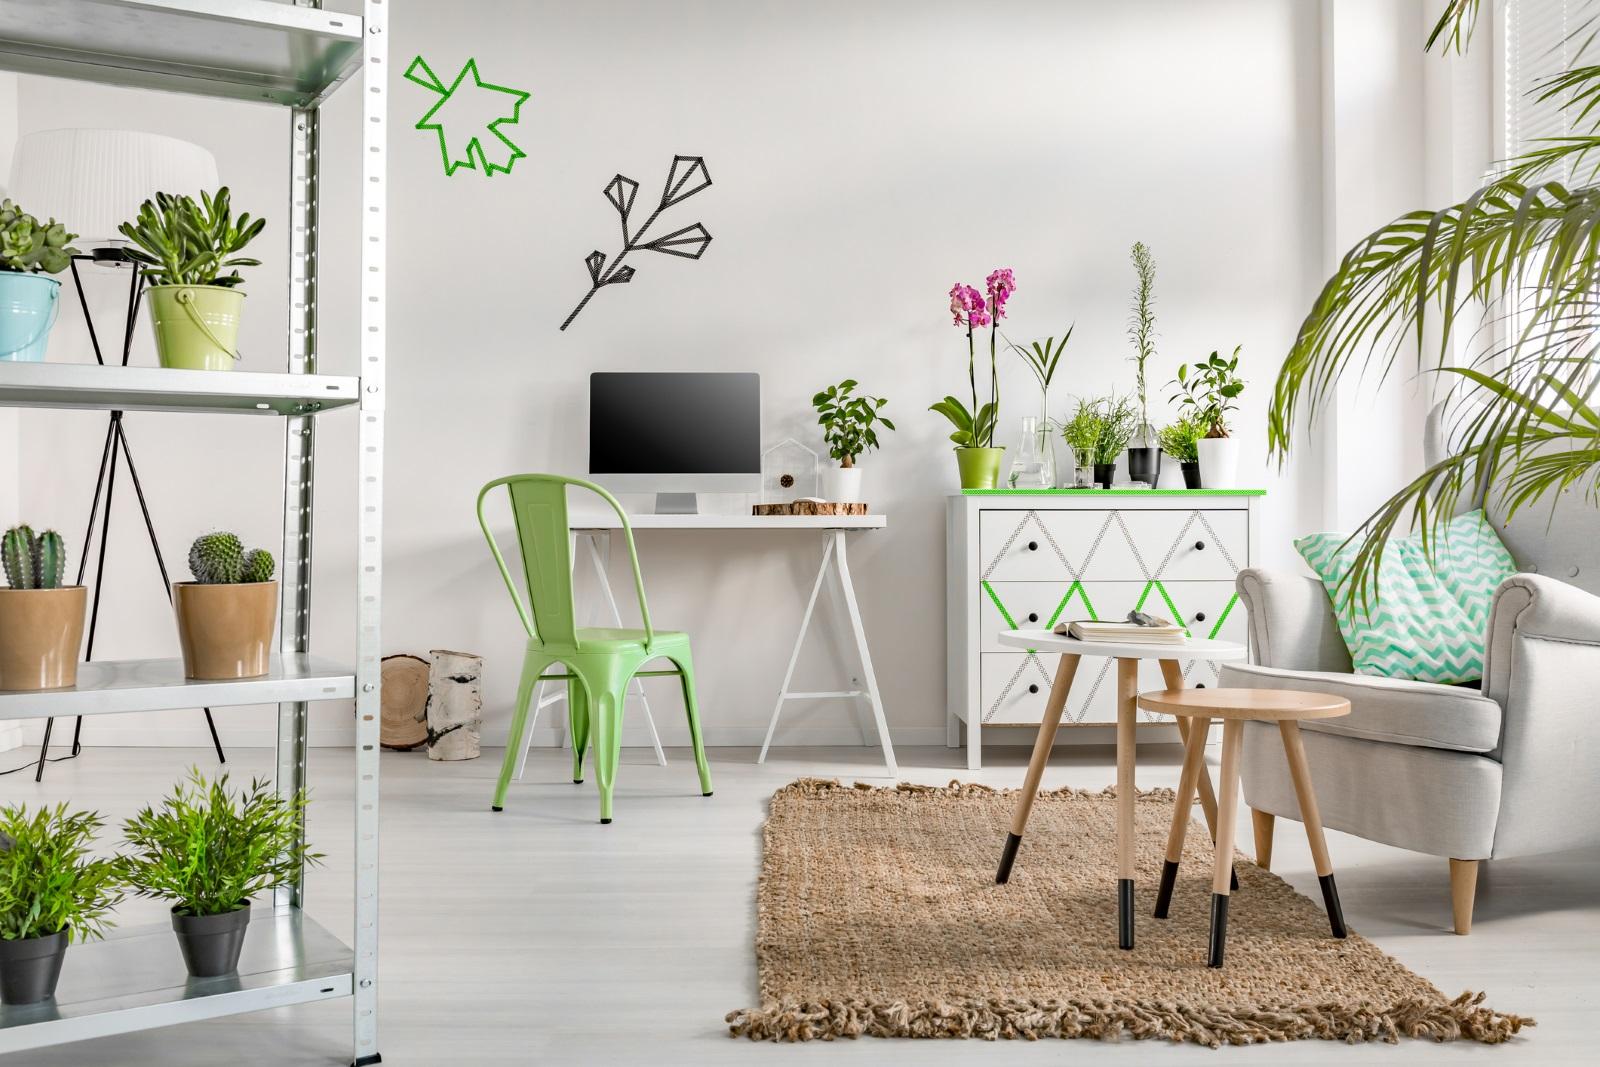 Най-подходящи за дома са живите растения.Освен свежестта, която се носи от тях, зеленият им цвят излъчваположителна енергия– така необходима на всекидом.Като най-силни за дома се препоръчват дървото на парите, дървото на щастието и бамбукът.